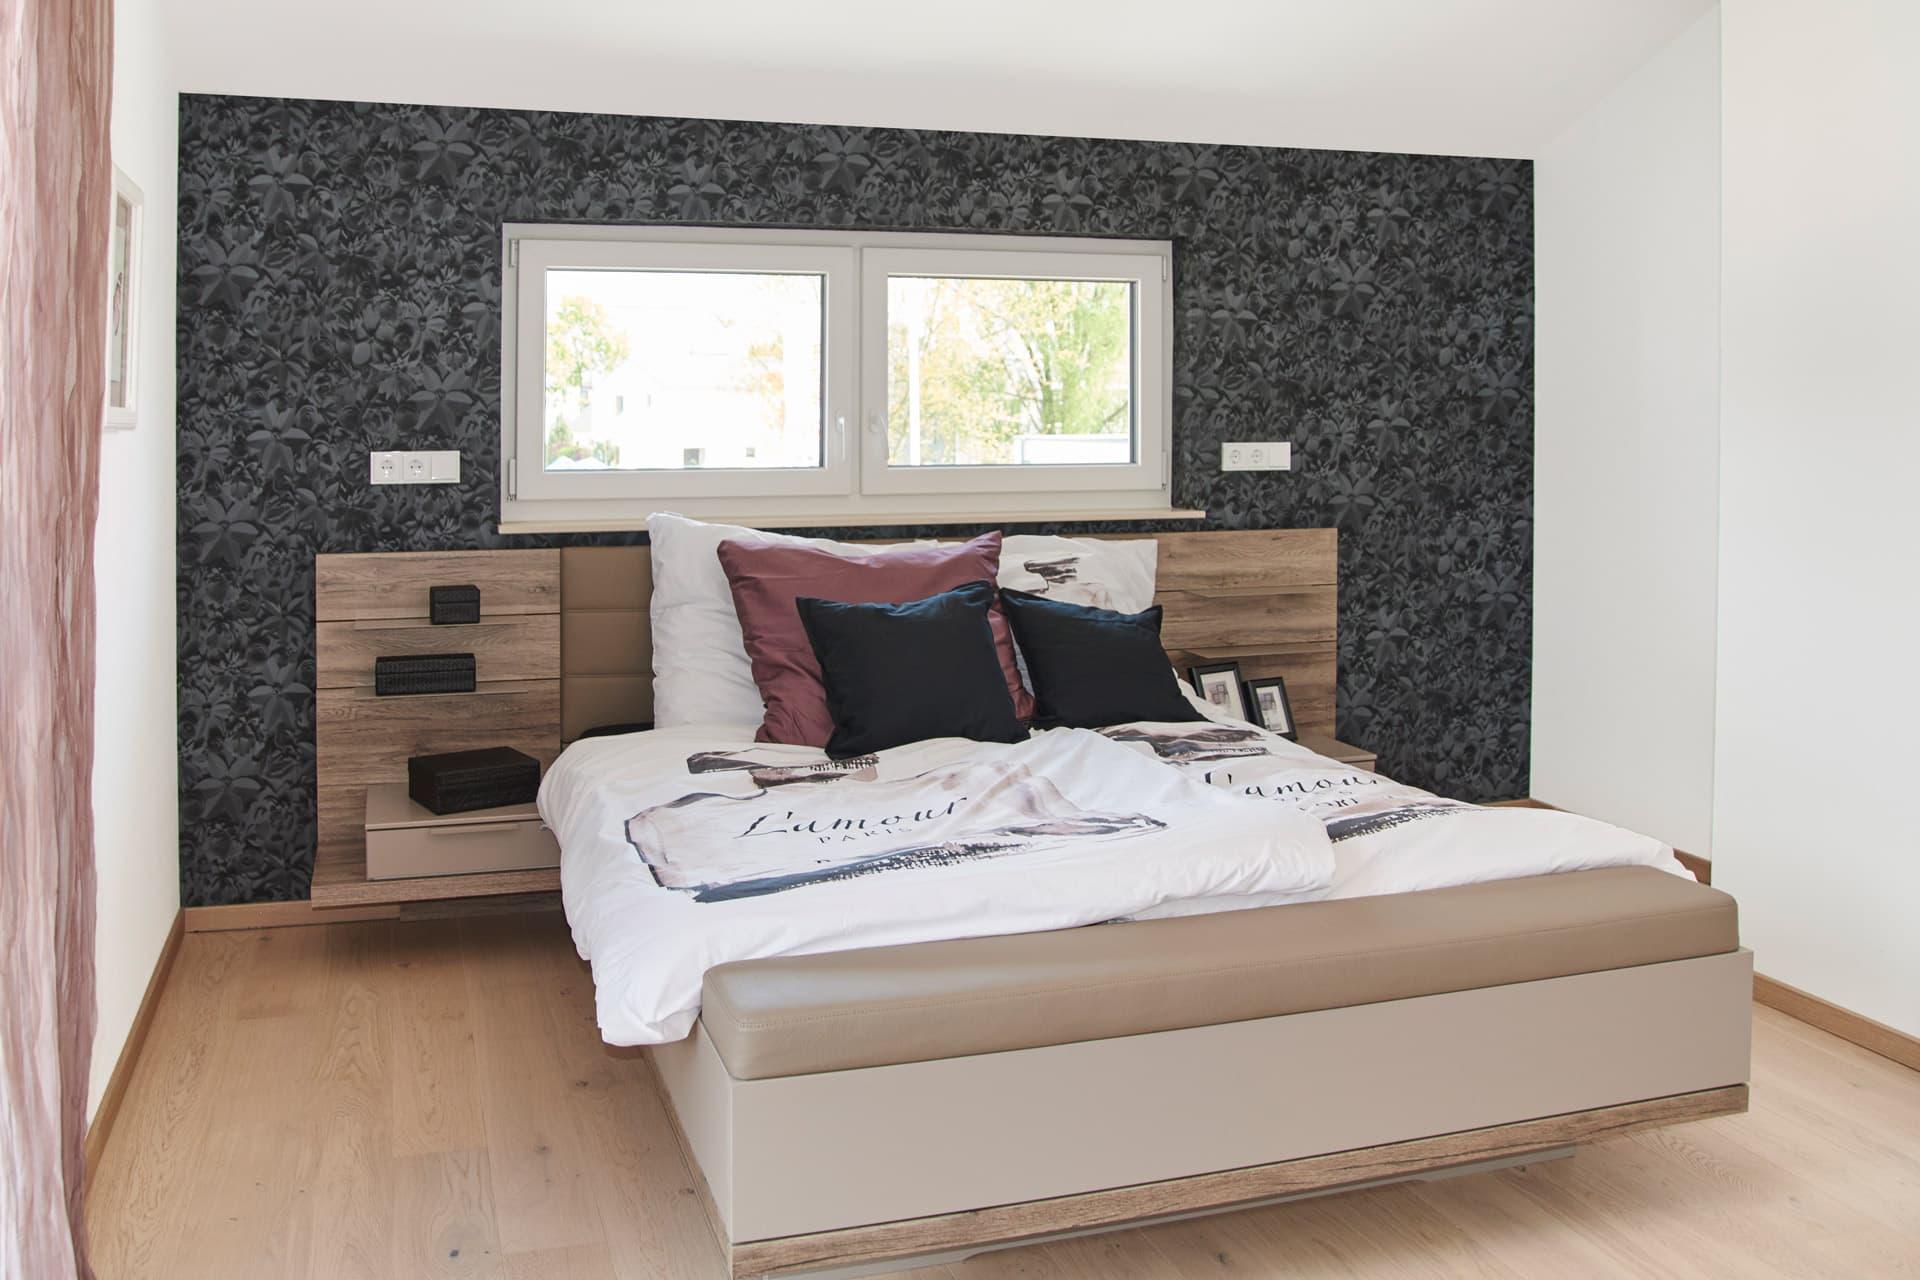 Musterhaus Mannheim Schlafzimmer